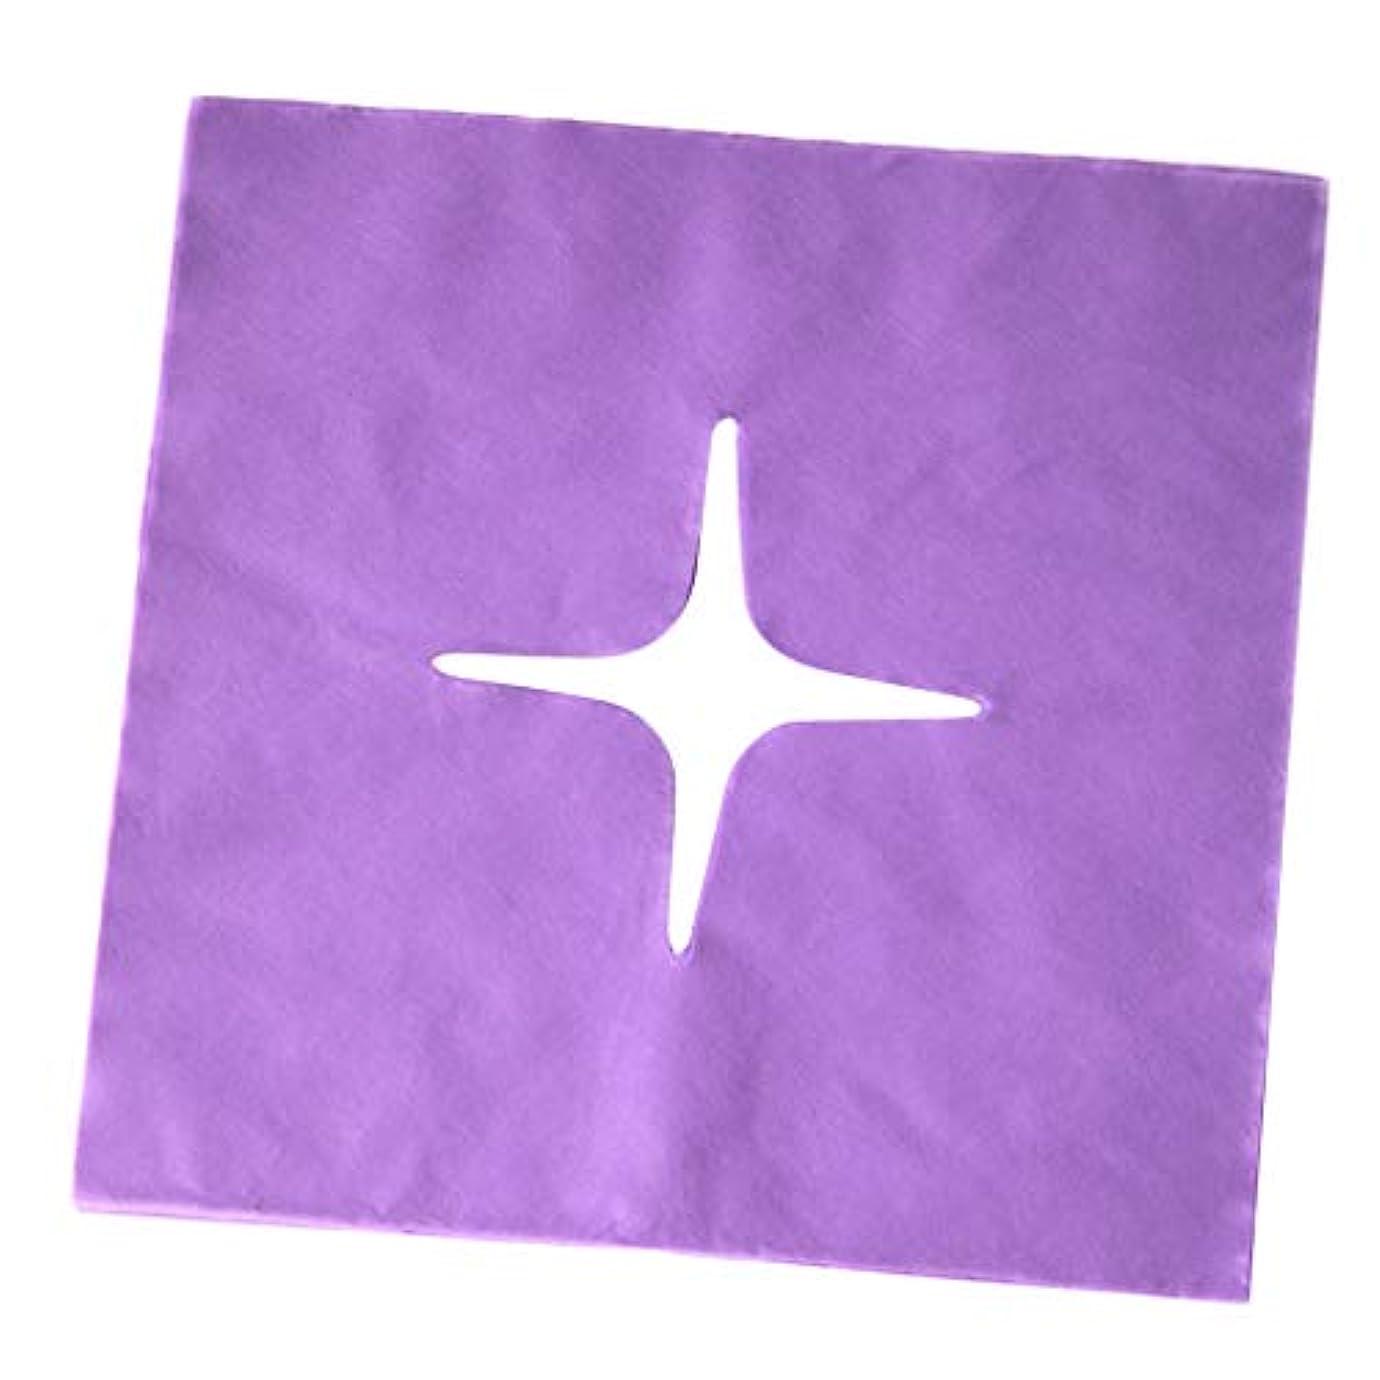 交渉する方向電気chiwanji マッサージ フェイスクレードルカバー スパ用 美容院 ビューティーサロン マッサージサロン 全3色 - 紫の